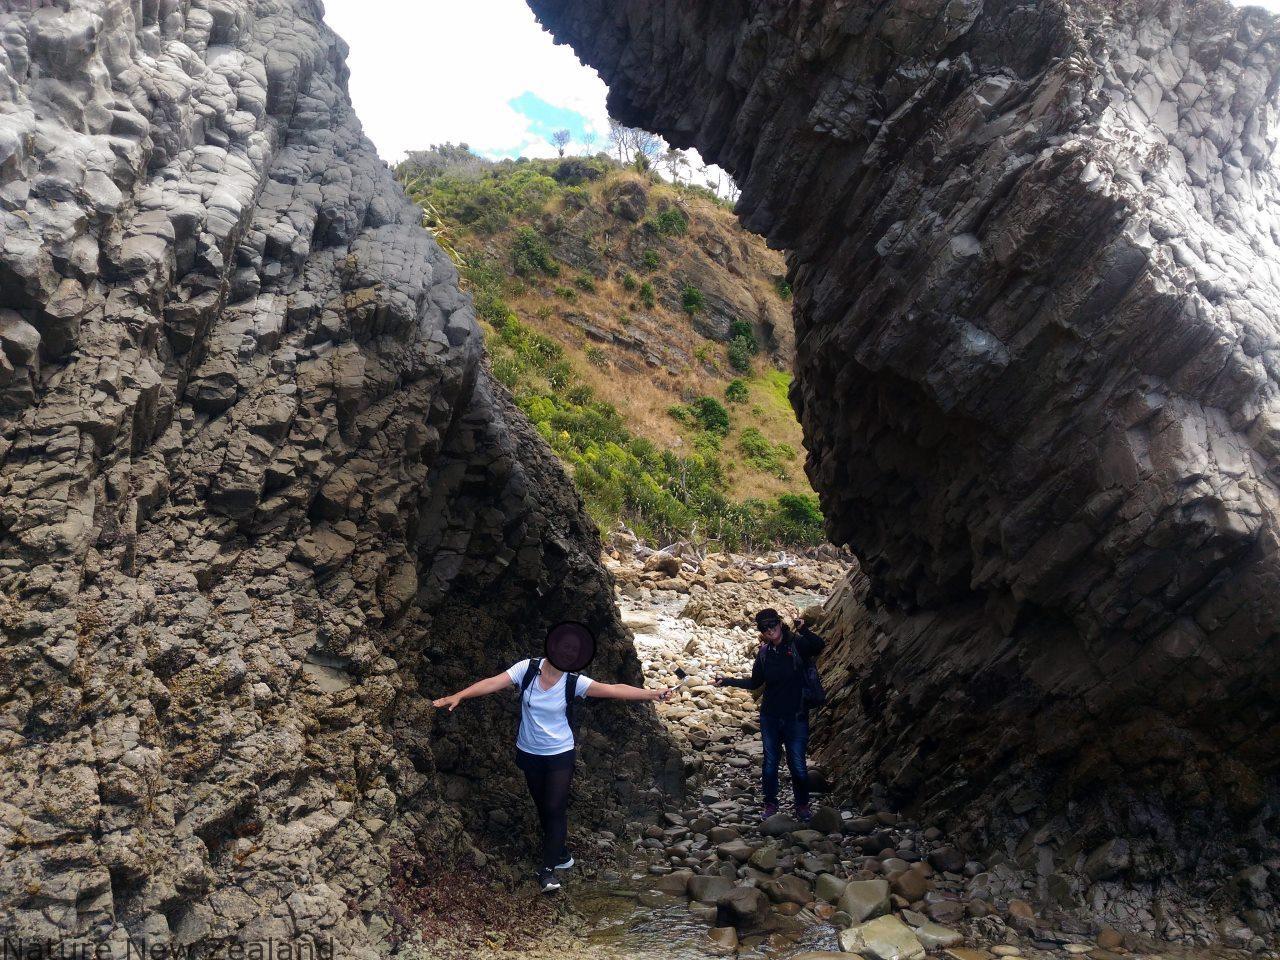 マンガファイクリフウォークの一番北側にある岩のアーチ。満潮時は近寄れないので注意!